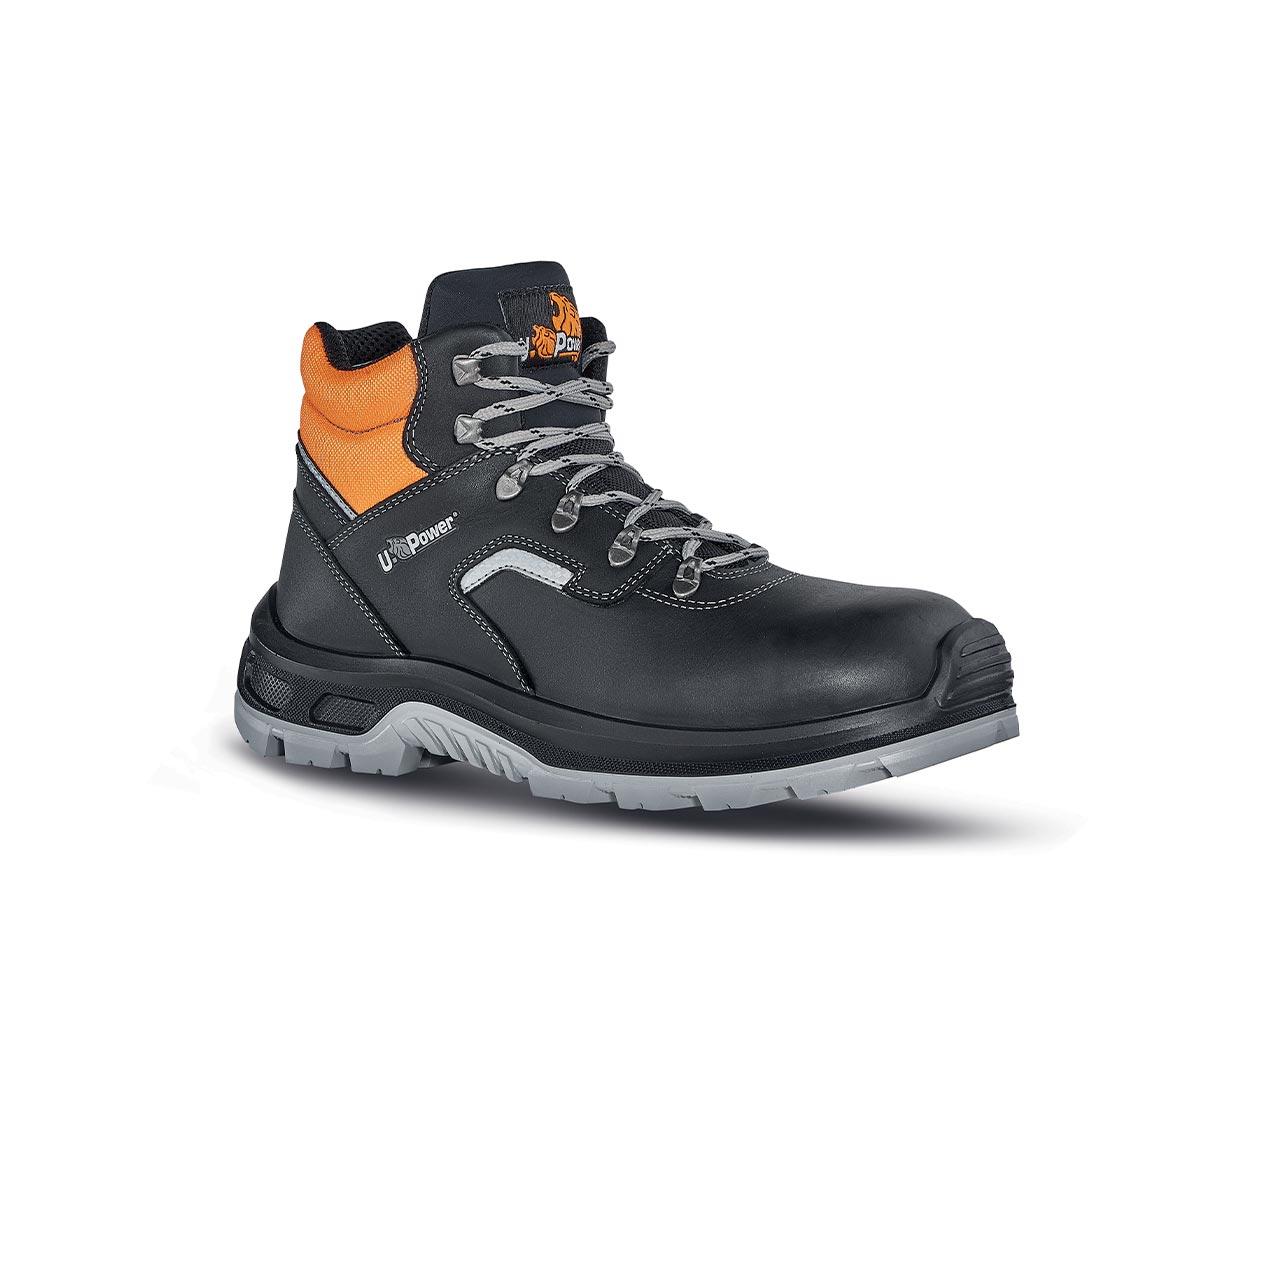 scarpa antinfortunistica upower modello ascend linea conceptplus vista laterale